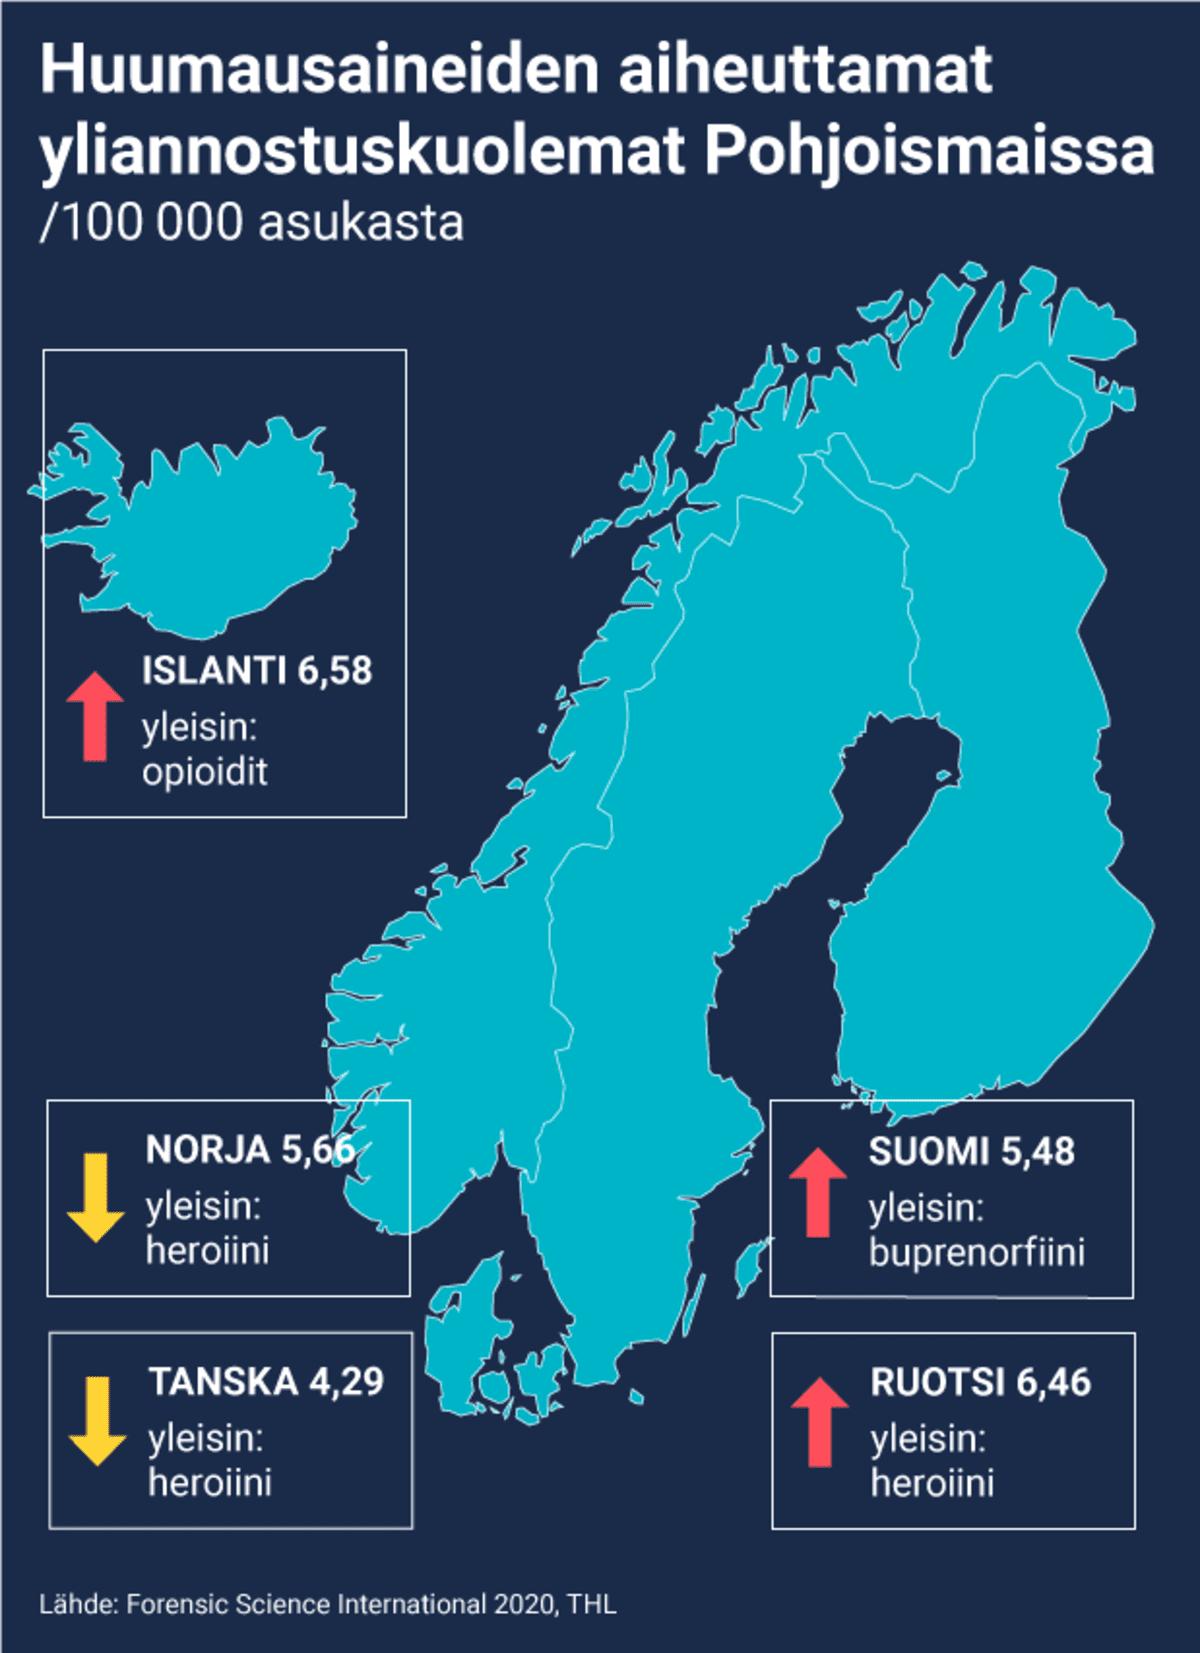 Huumausaineiden aiheuttamat kuolemat Pohjosmaissa karttagrafiikka